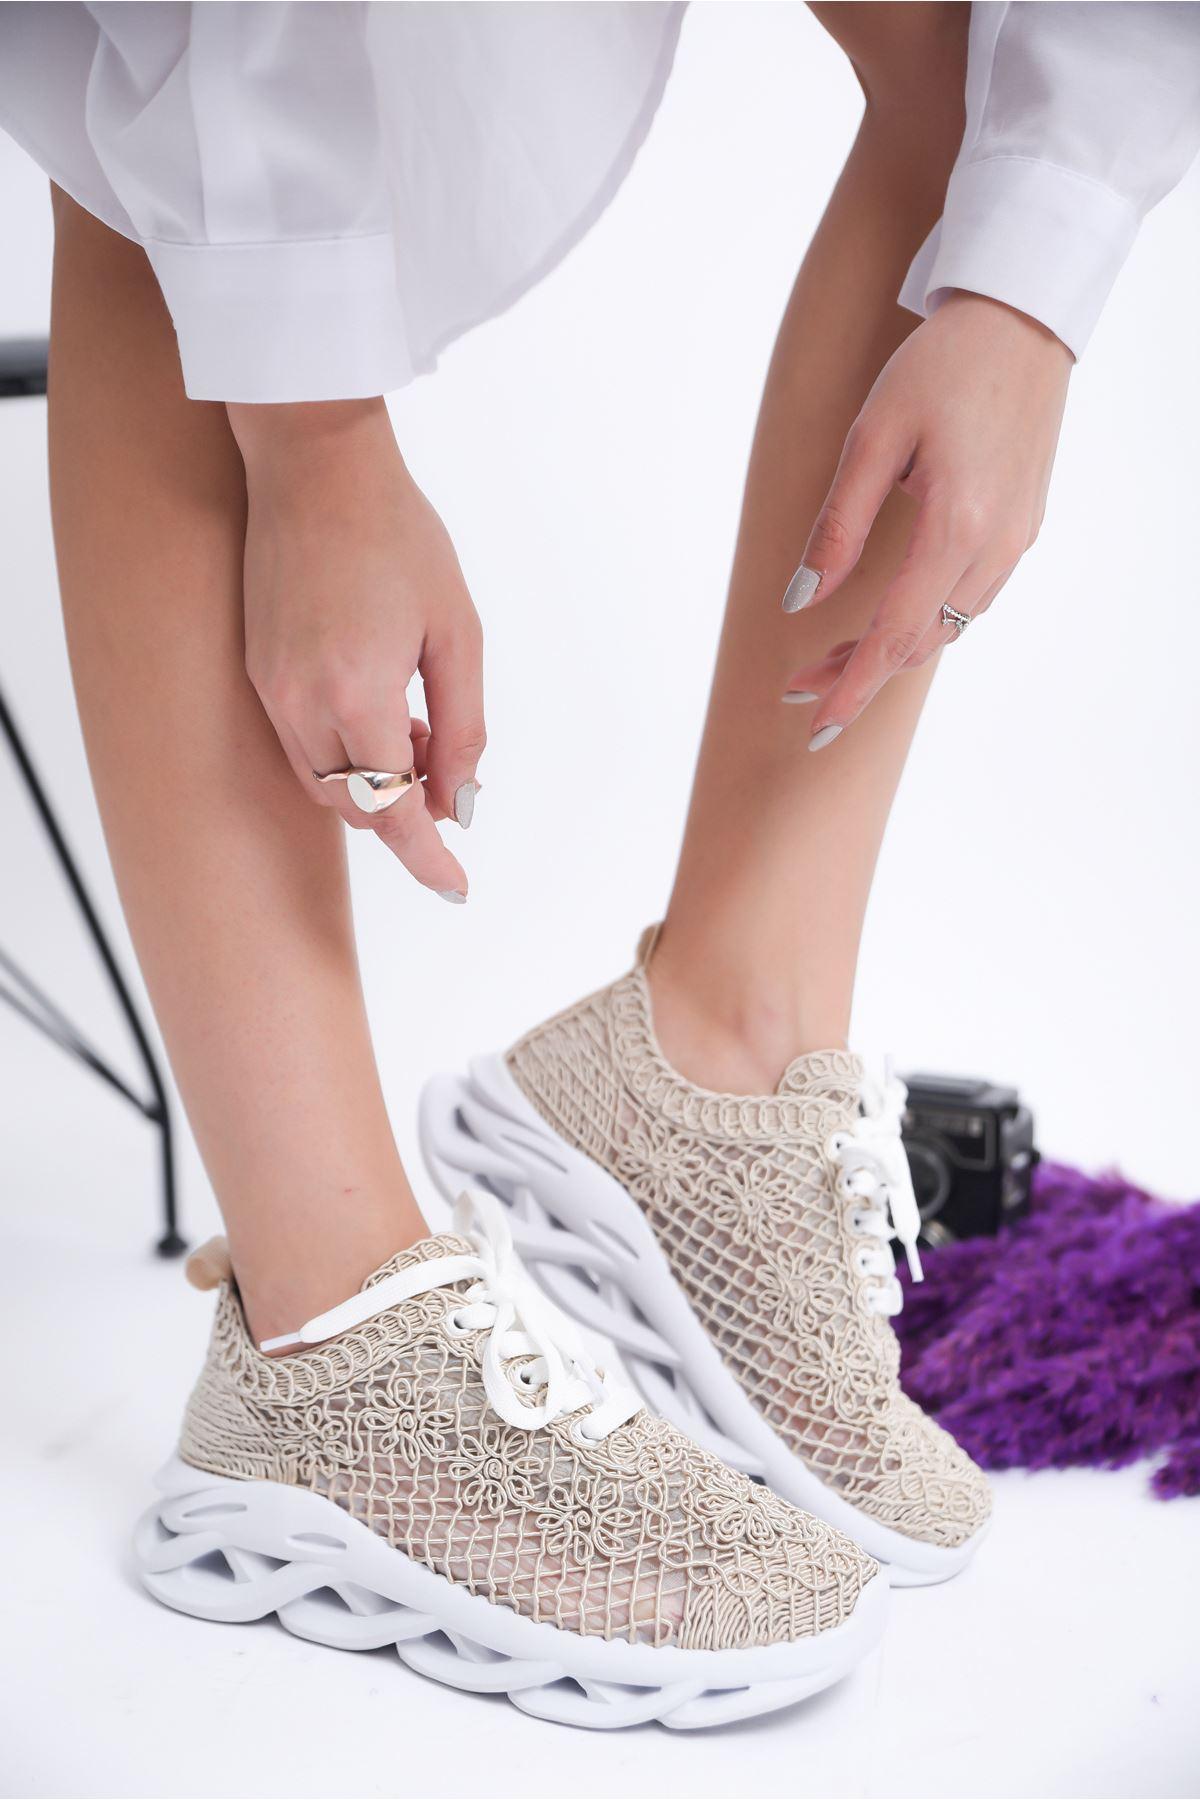 Kadın Minake Kalın Taban Örgü Detay Gri Spor Ayakkabı